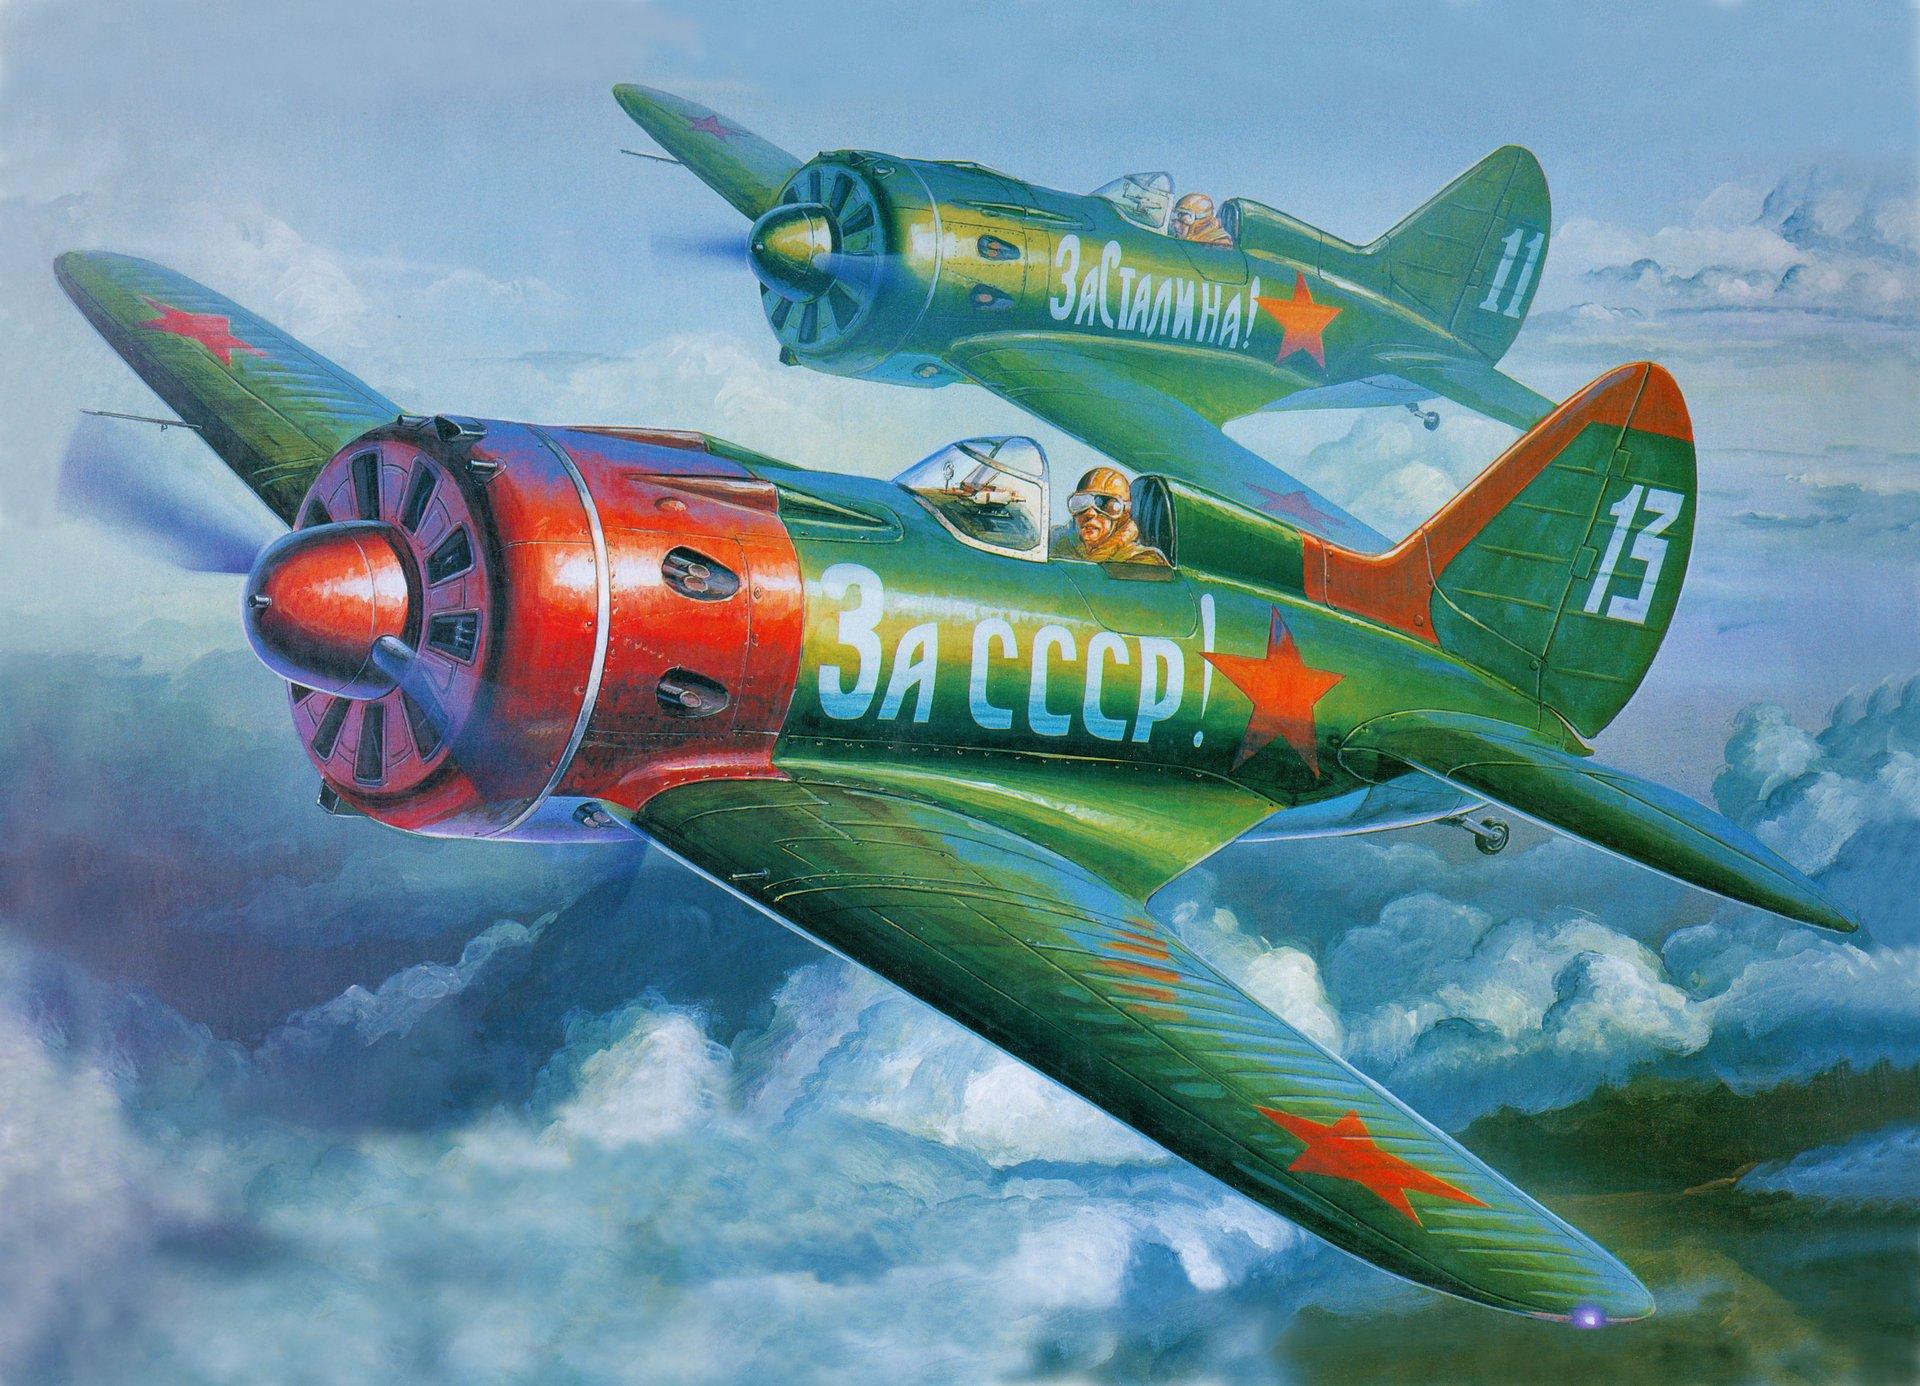 Обои советский многоцелевой истребитель. Авиация foto 15